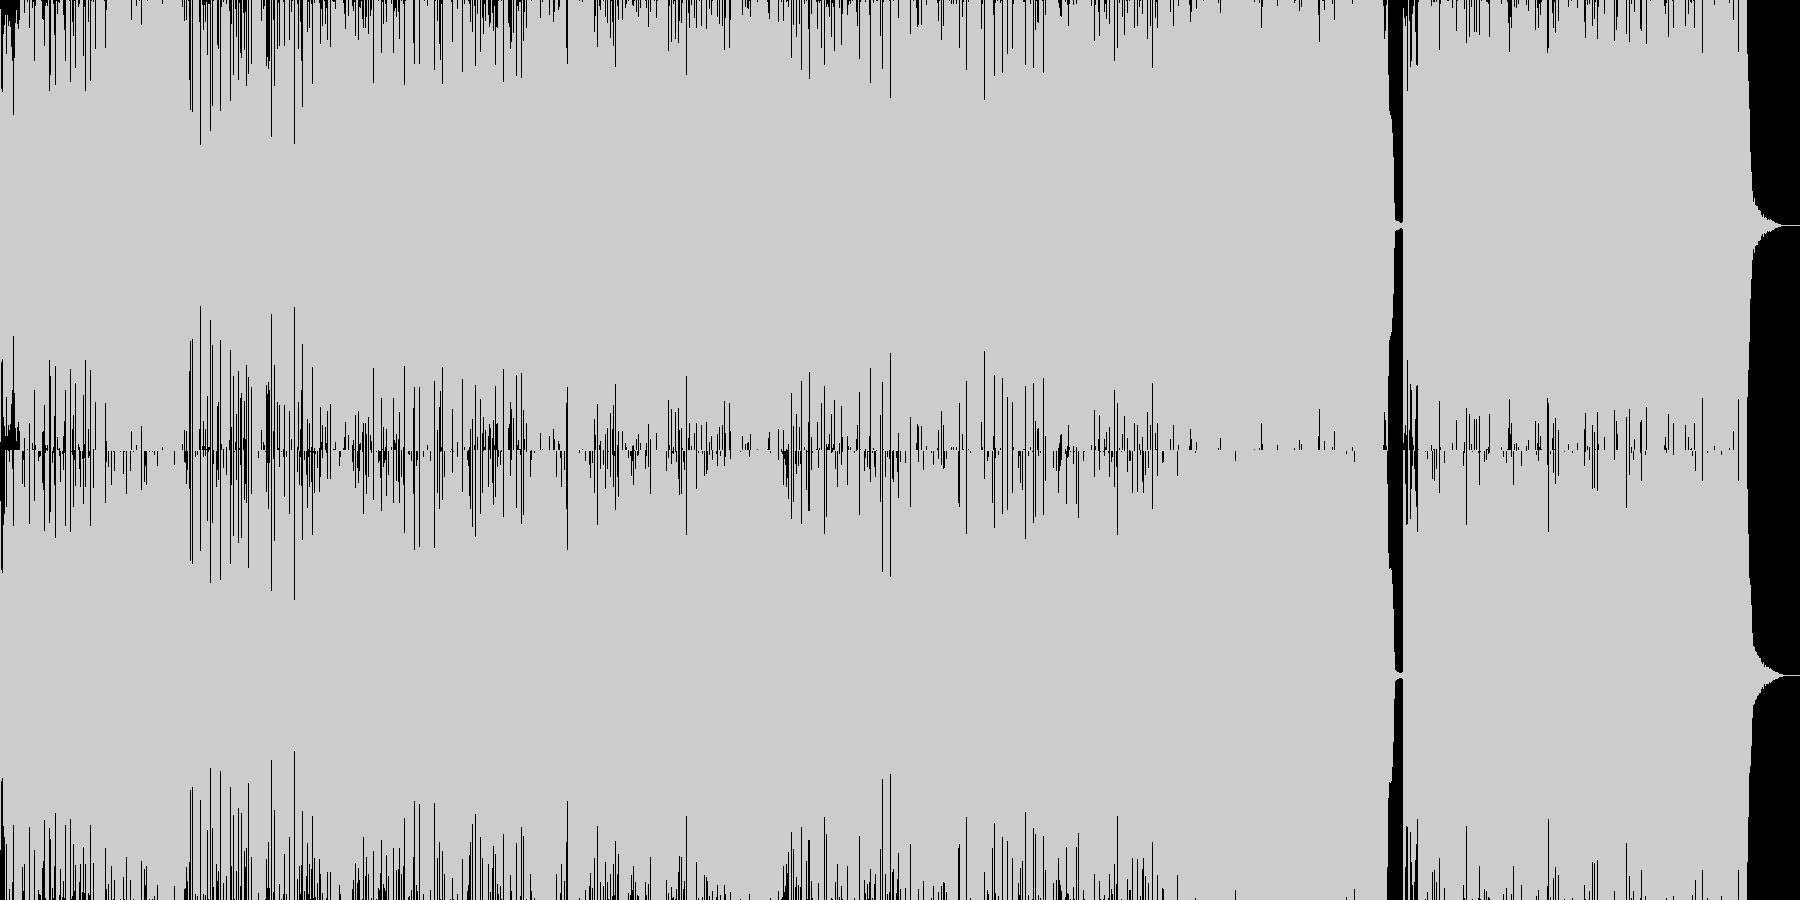 ファンキーでご機嫌な忙しないポップスの未再生の波形